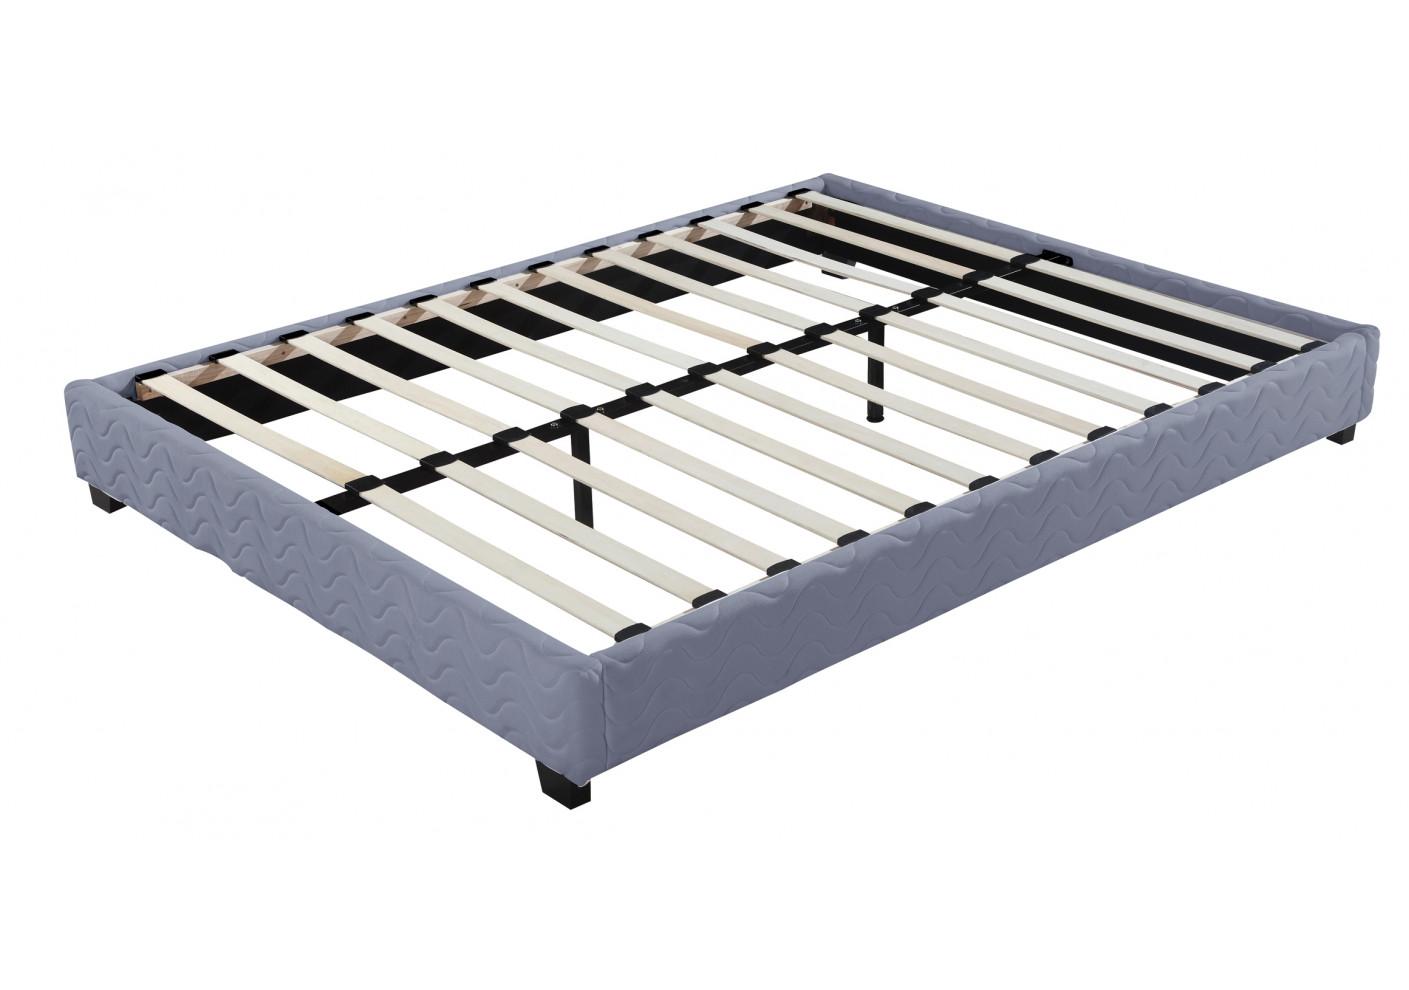 sommier tapissier divan 140x190 cm gris chambre. Black Bedroom Furniture Sets. Home Design Ideas